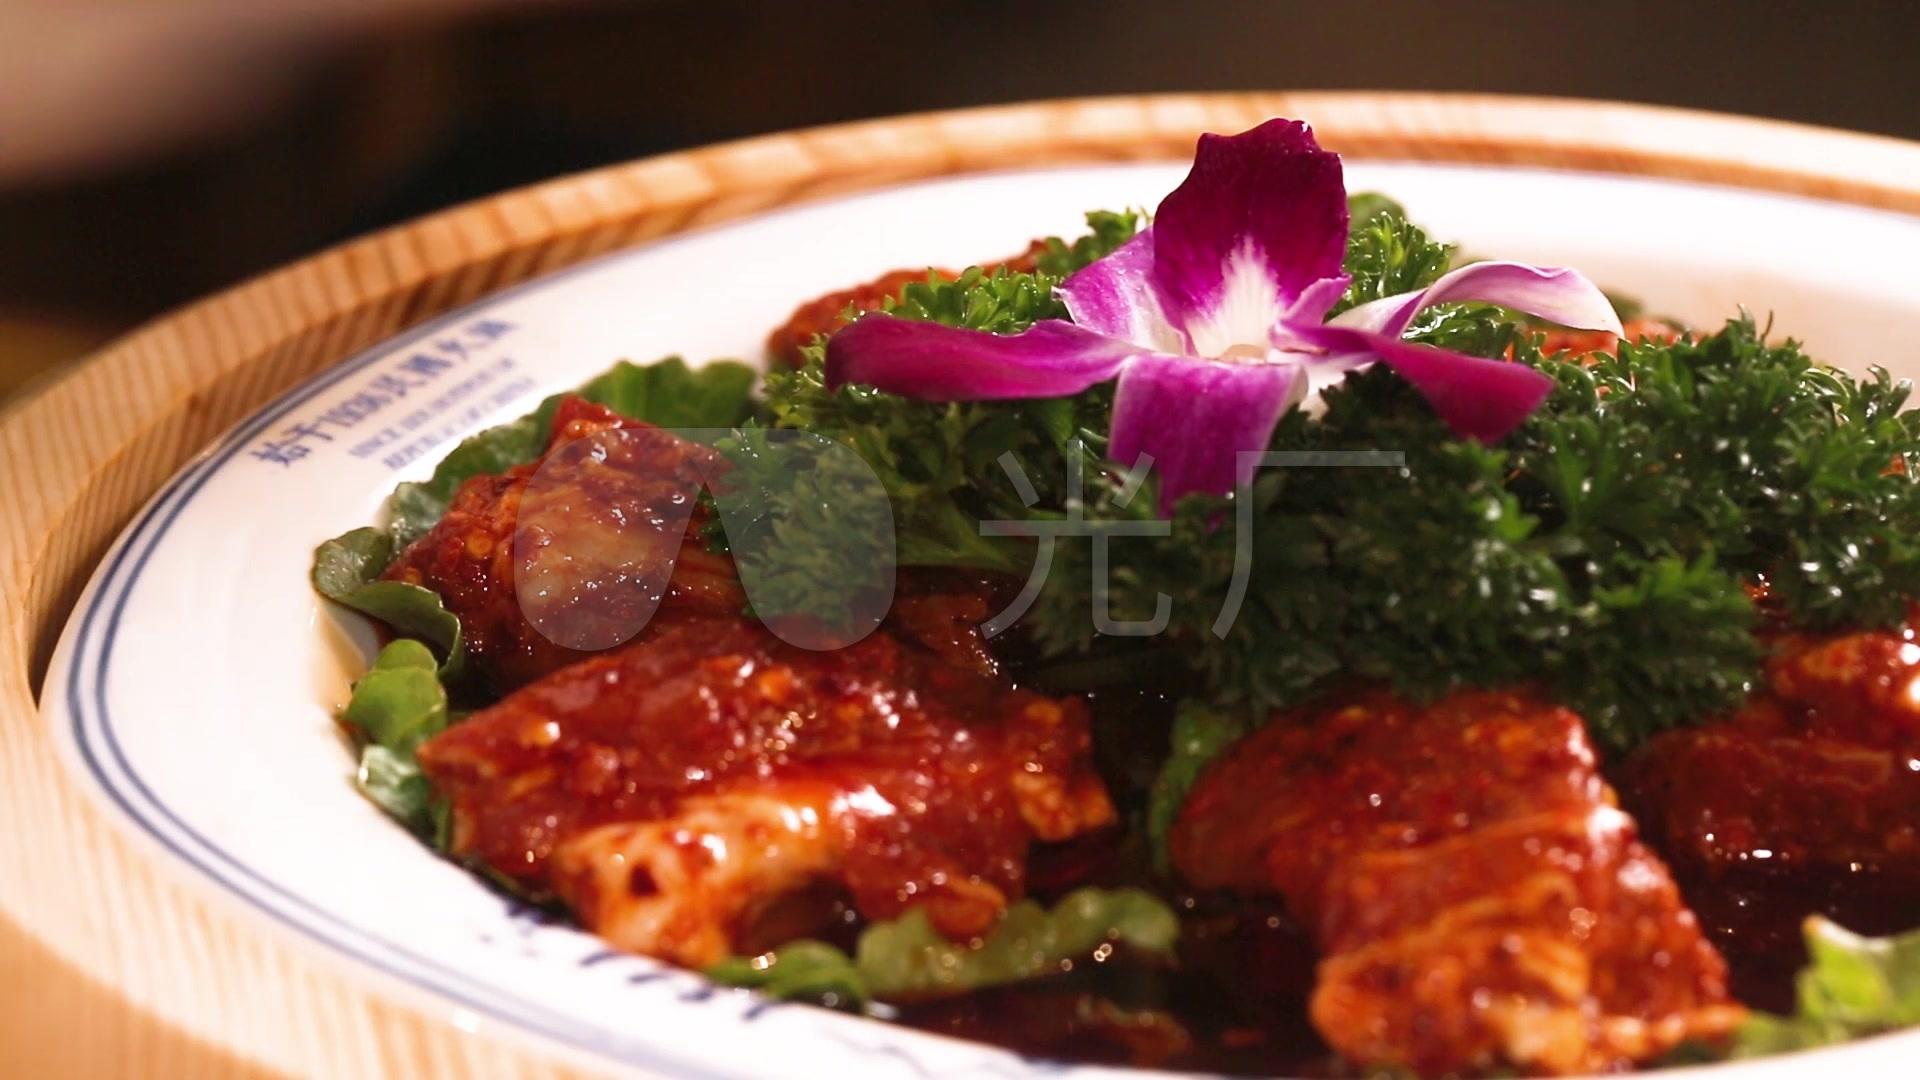 排骨麻辣火锅菜品咸肉辣椒火锅_1920X1080_排骨烧汤酸图片